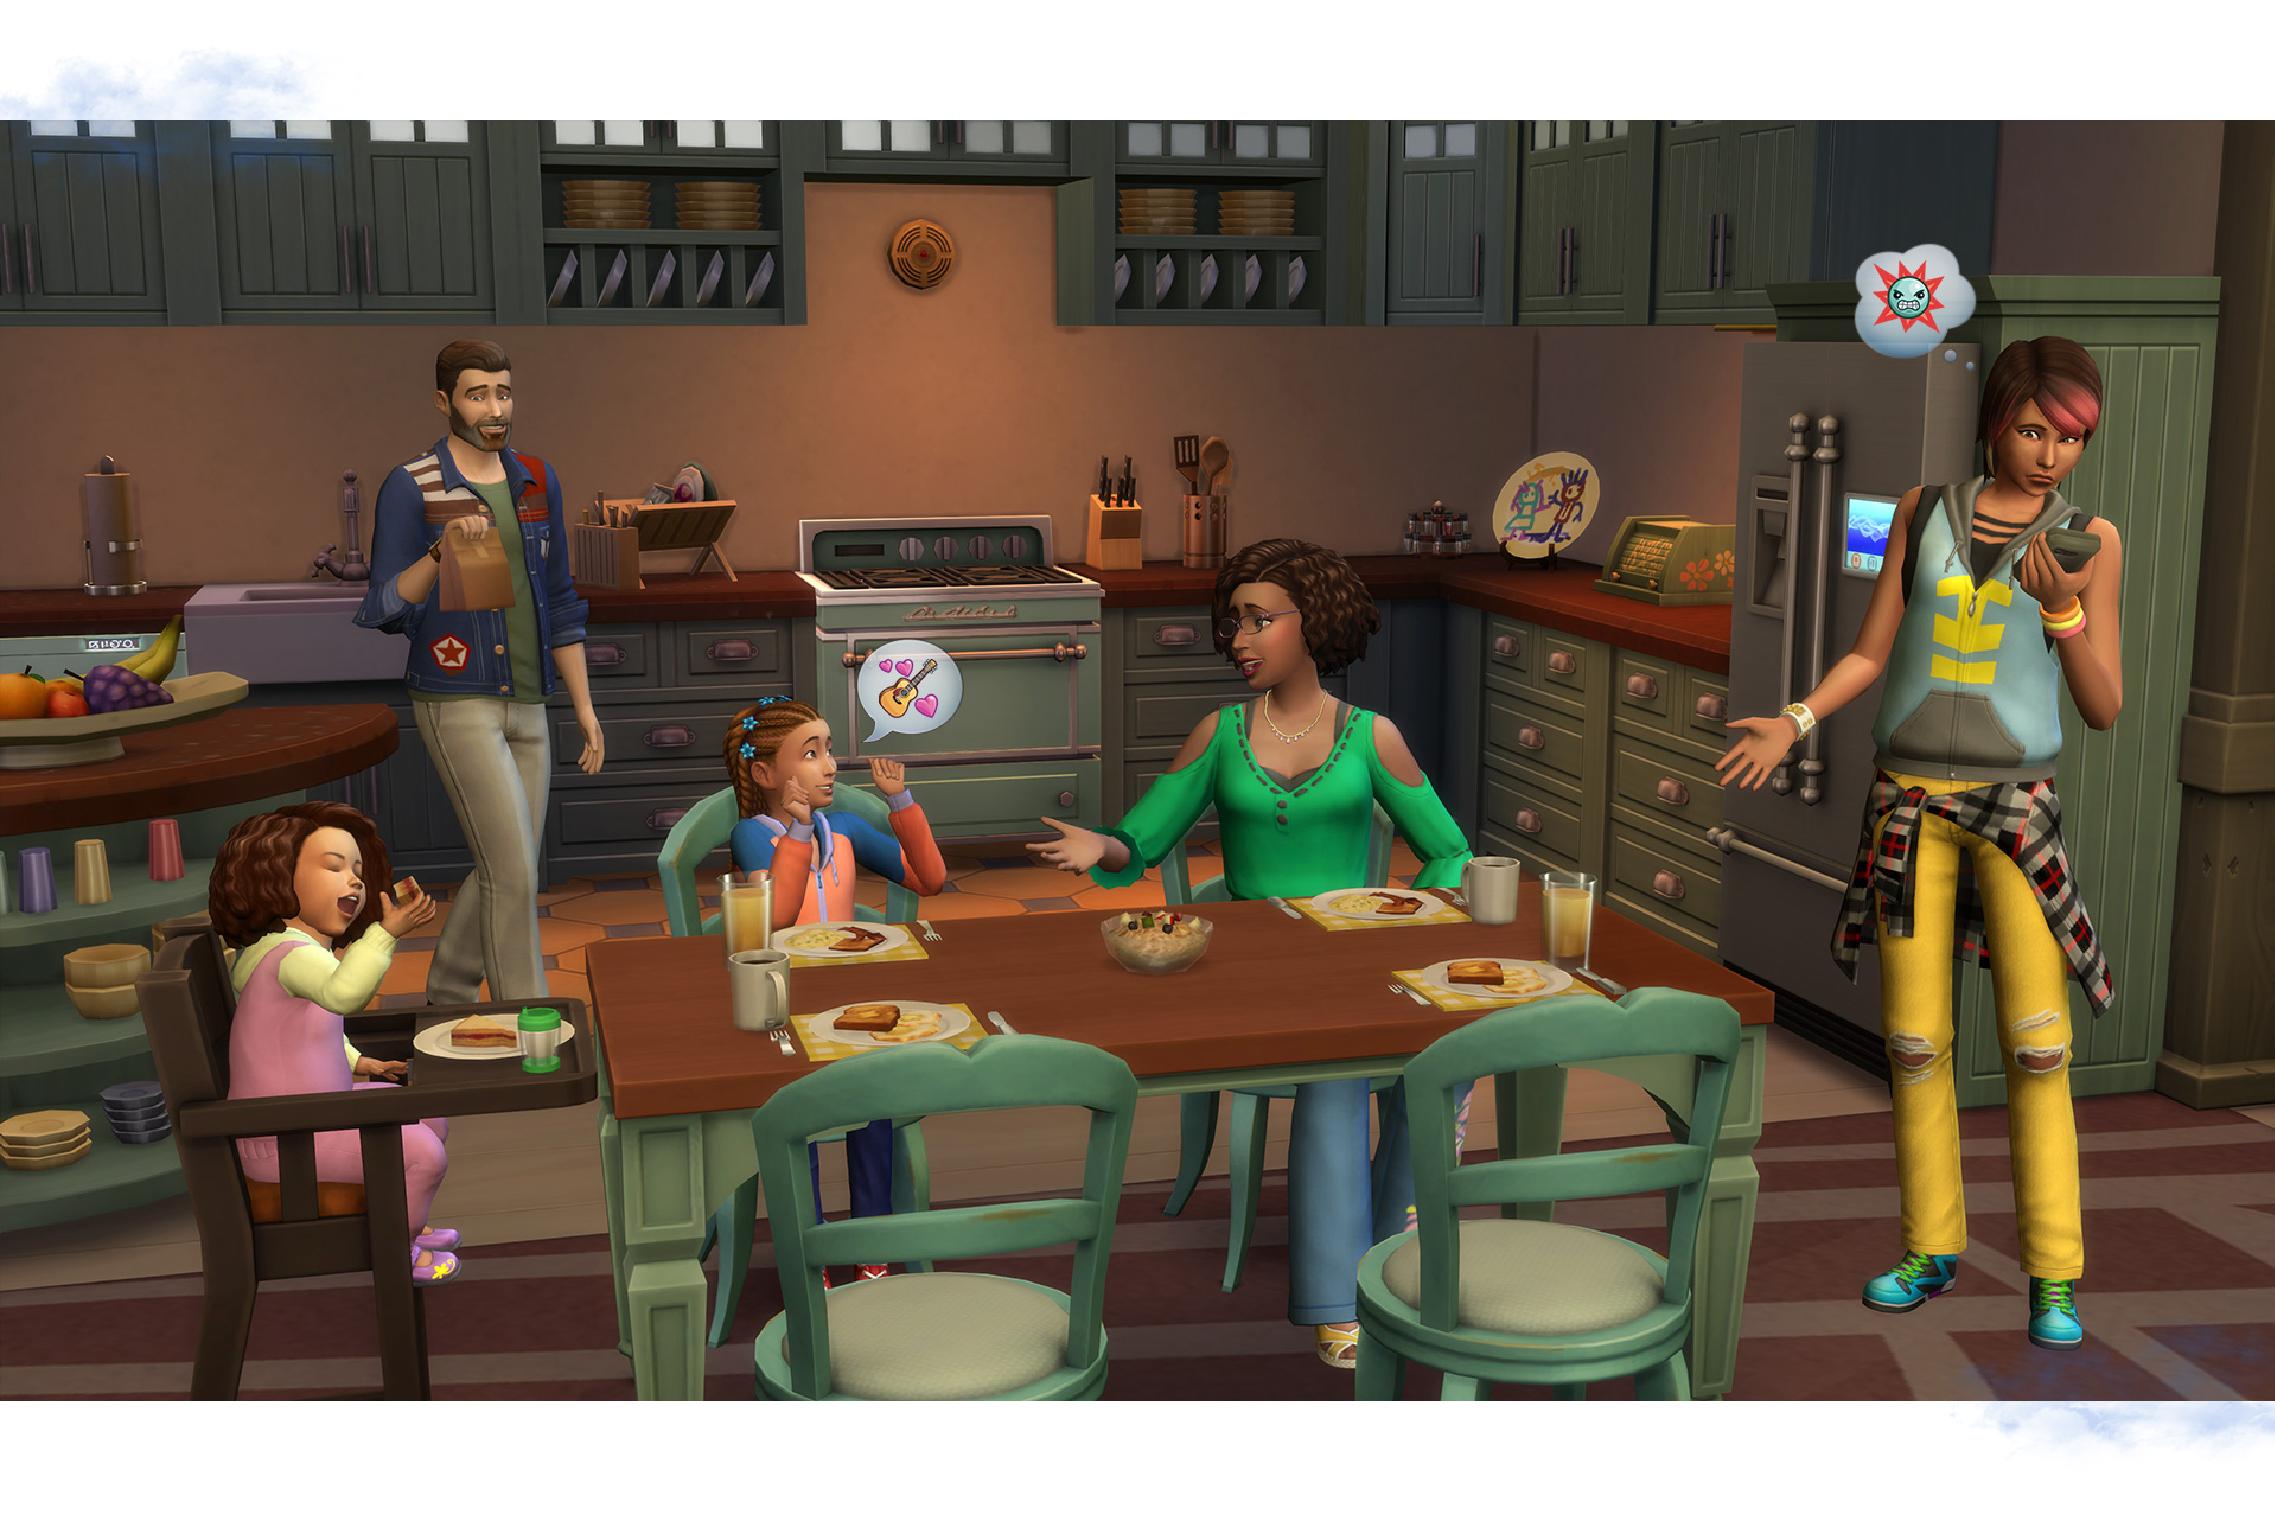 Sims 4 Parenthood